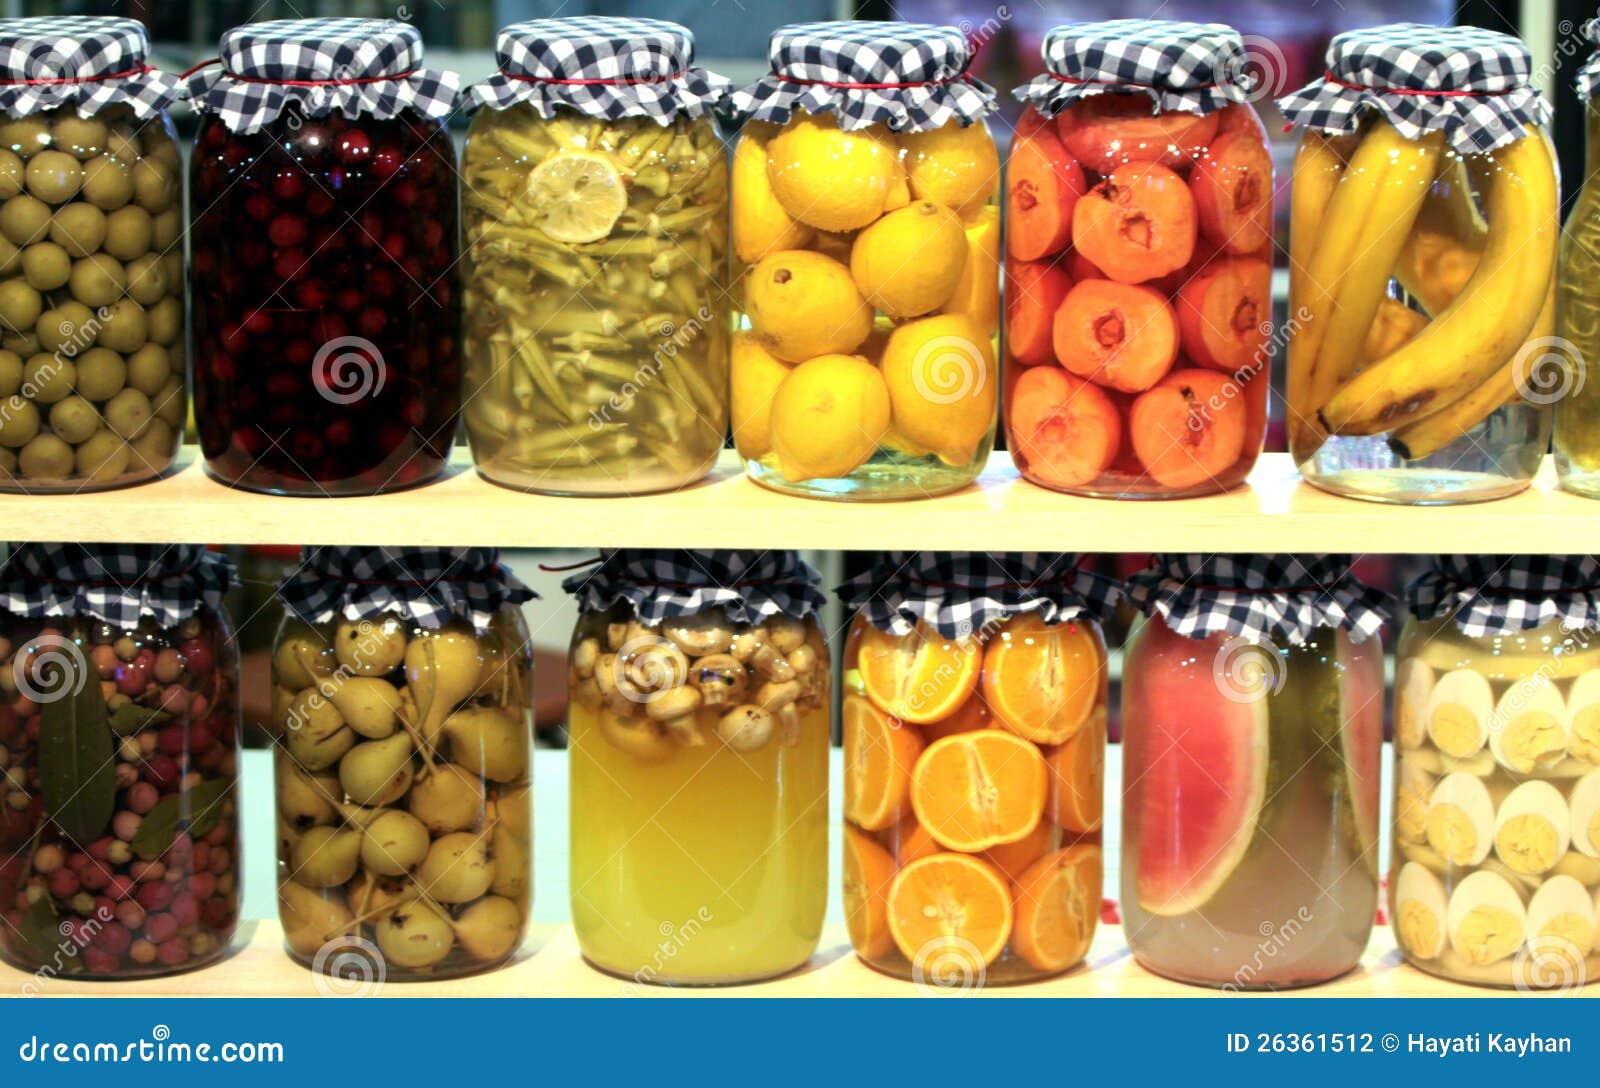 fruits et l gumes conserve de fruits photographie stock. Black Bedroom Furniture Sets. Home Design Ideas